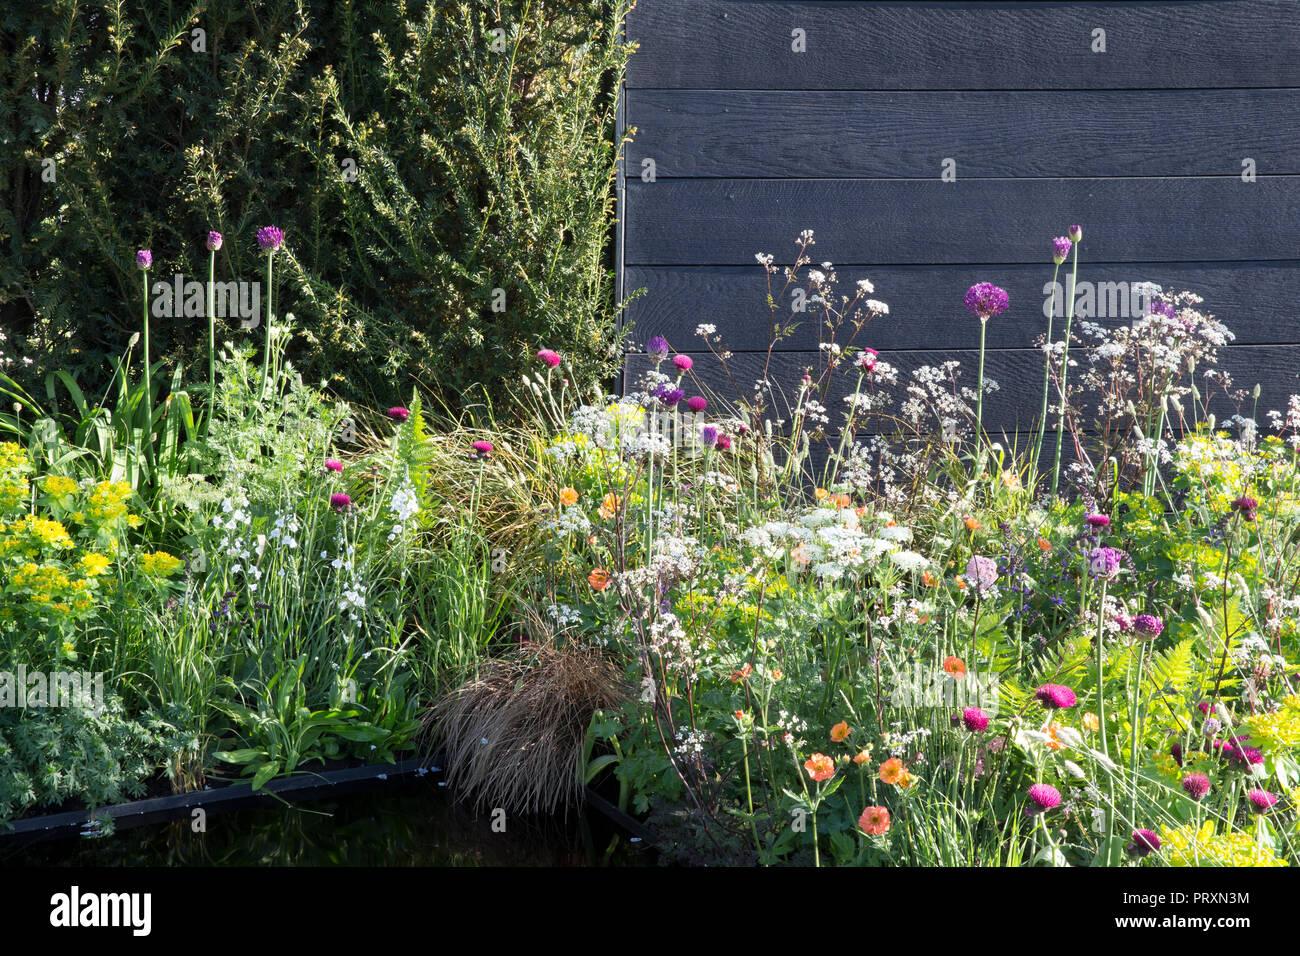 Black wood garden fence, Taxus baccata hedge, meadow style planting of Allium hollandicum 'Purple Sensation', Cirsium rivulare 'Atropurpureum', Geum ' - Stock Image